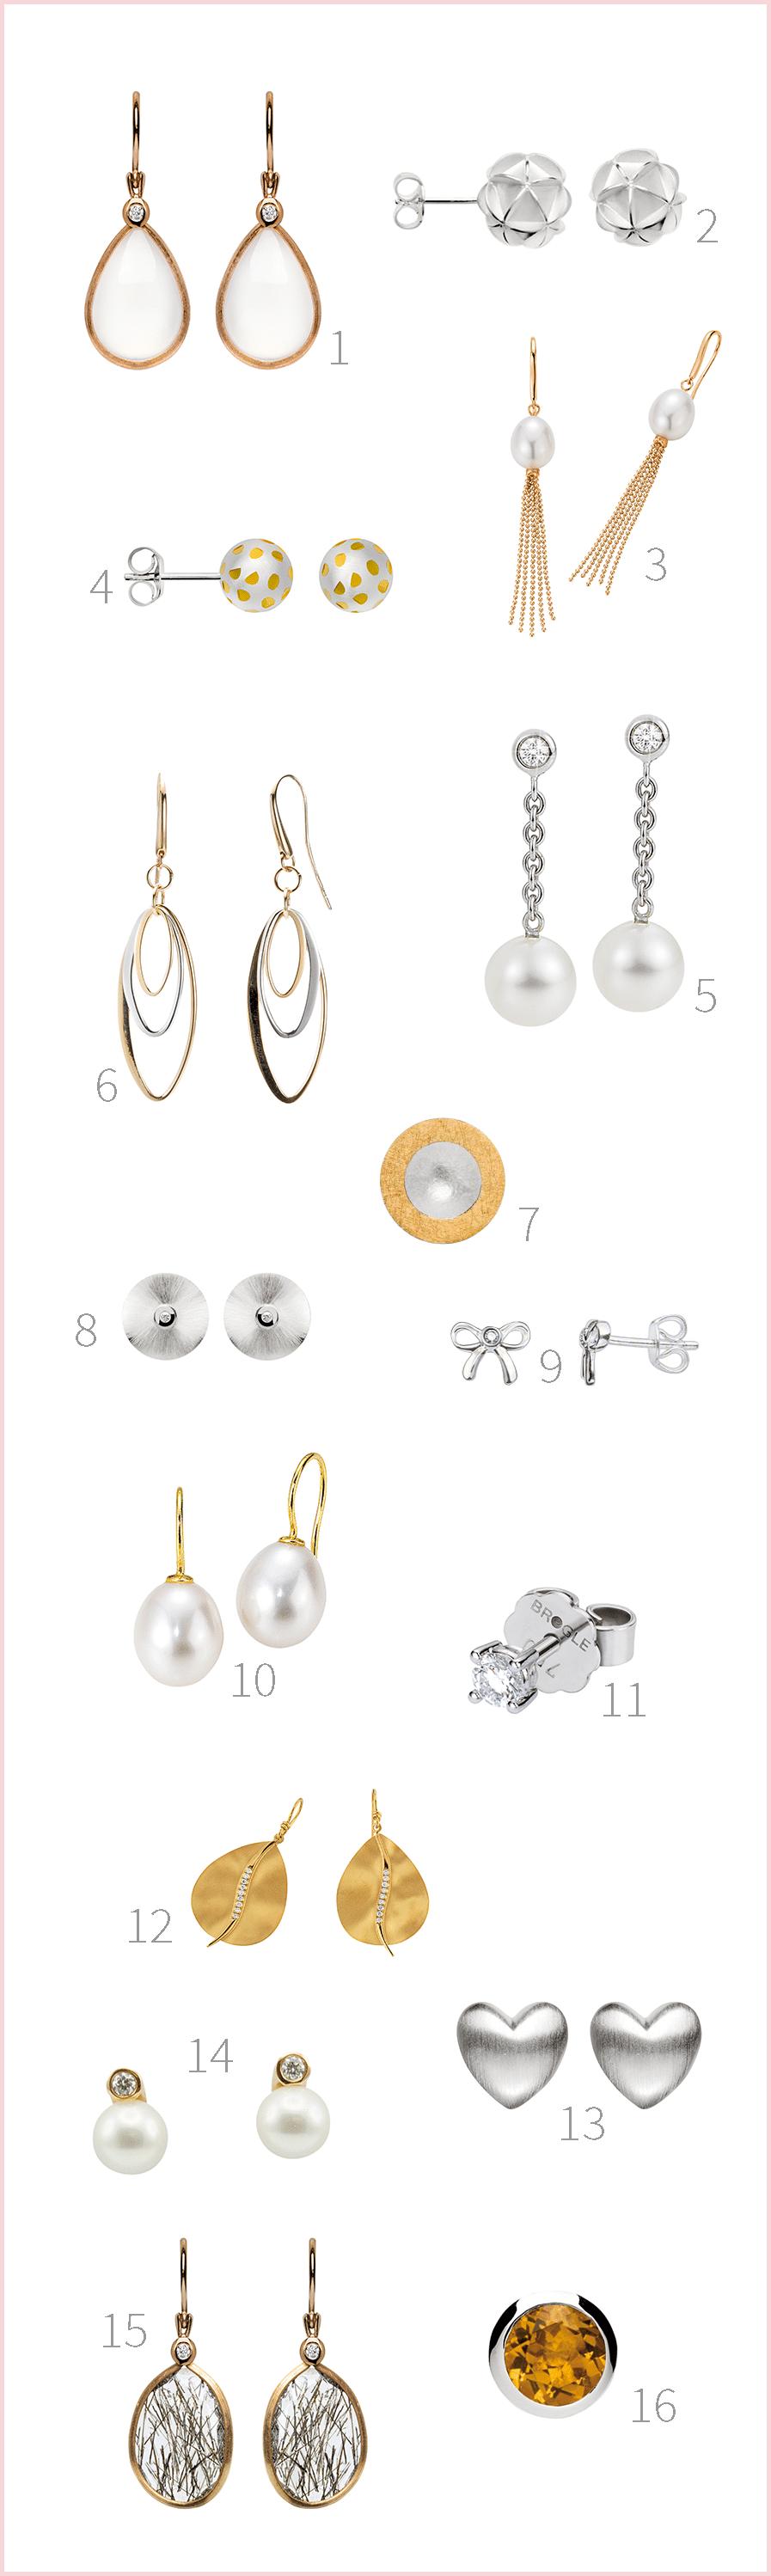 Echter Schmuck als Brautschmuck: Ideen für Ohrringe und Ohrhänger aus Gold, Weißgold und mit Brillianten von Brogle